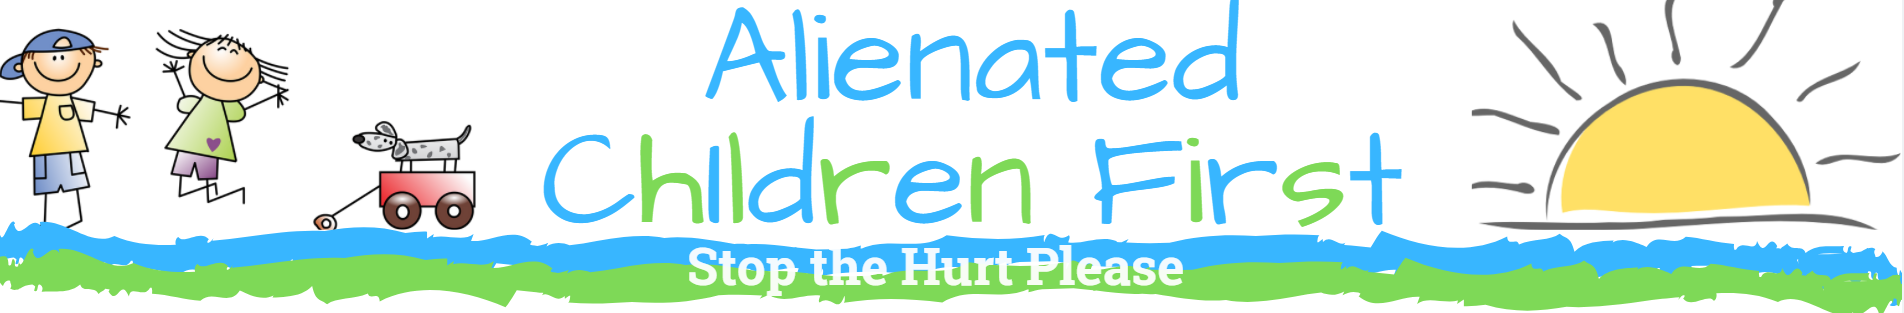 Alienated Children First